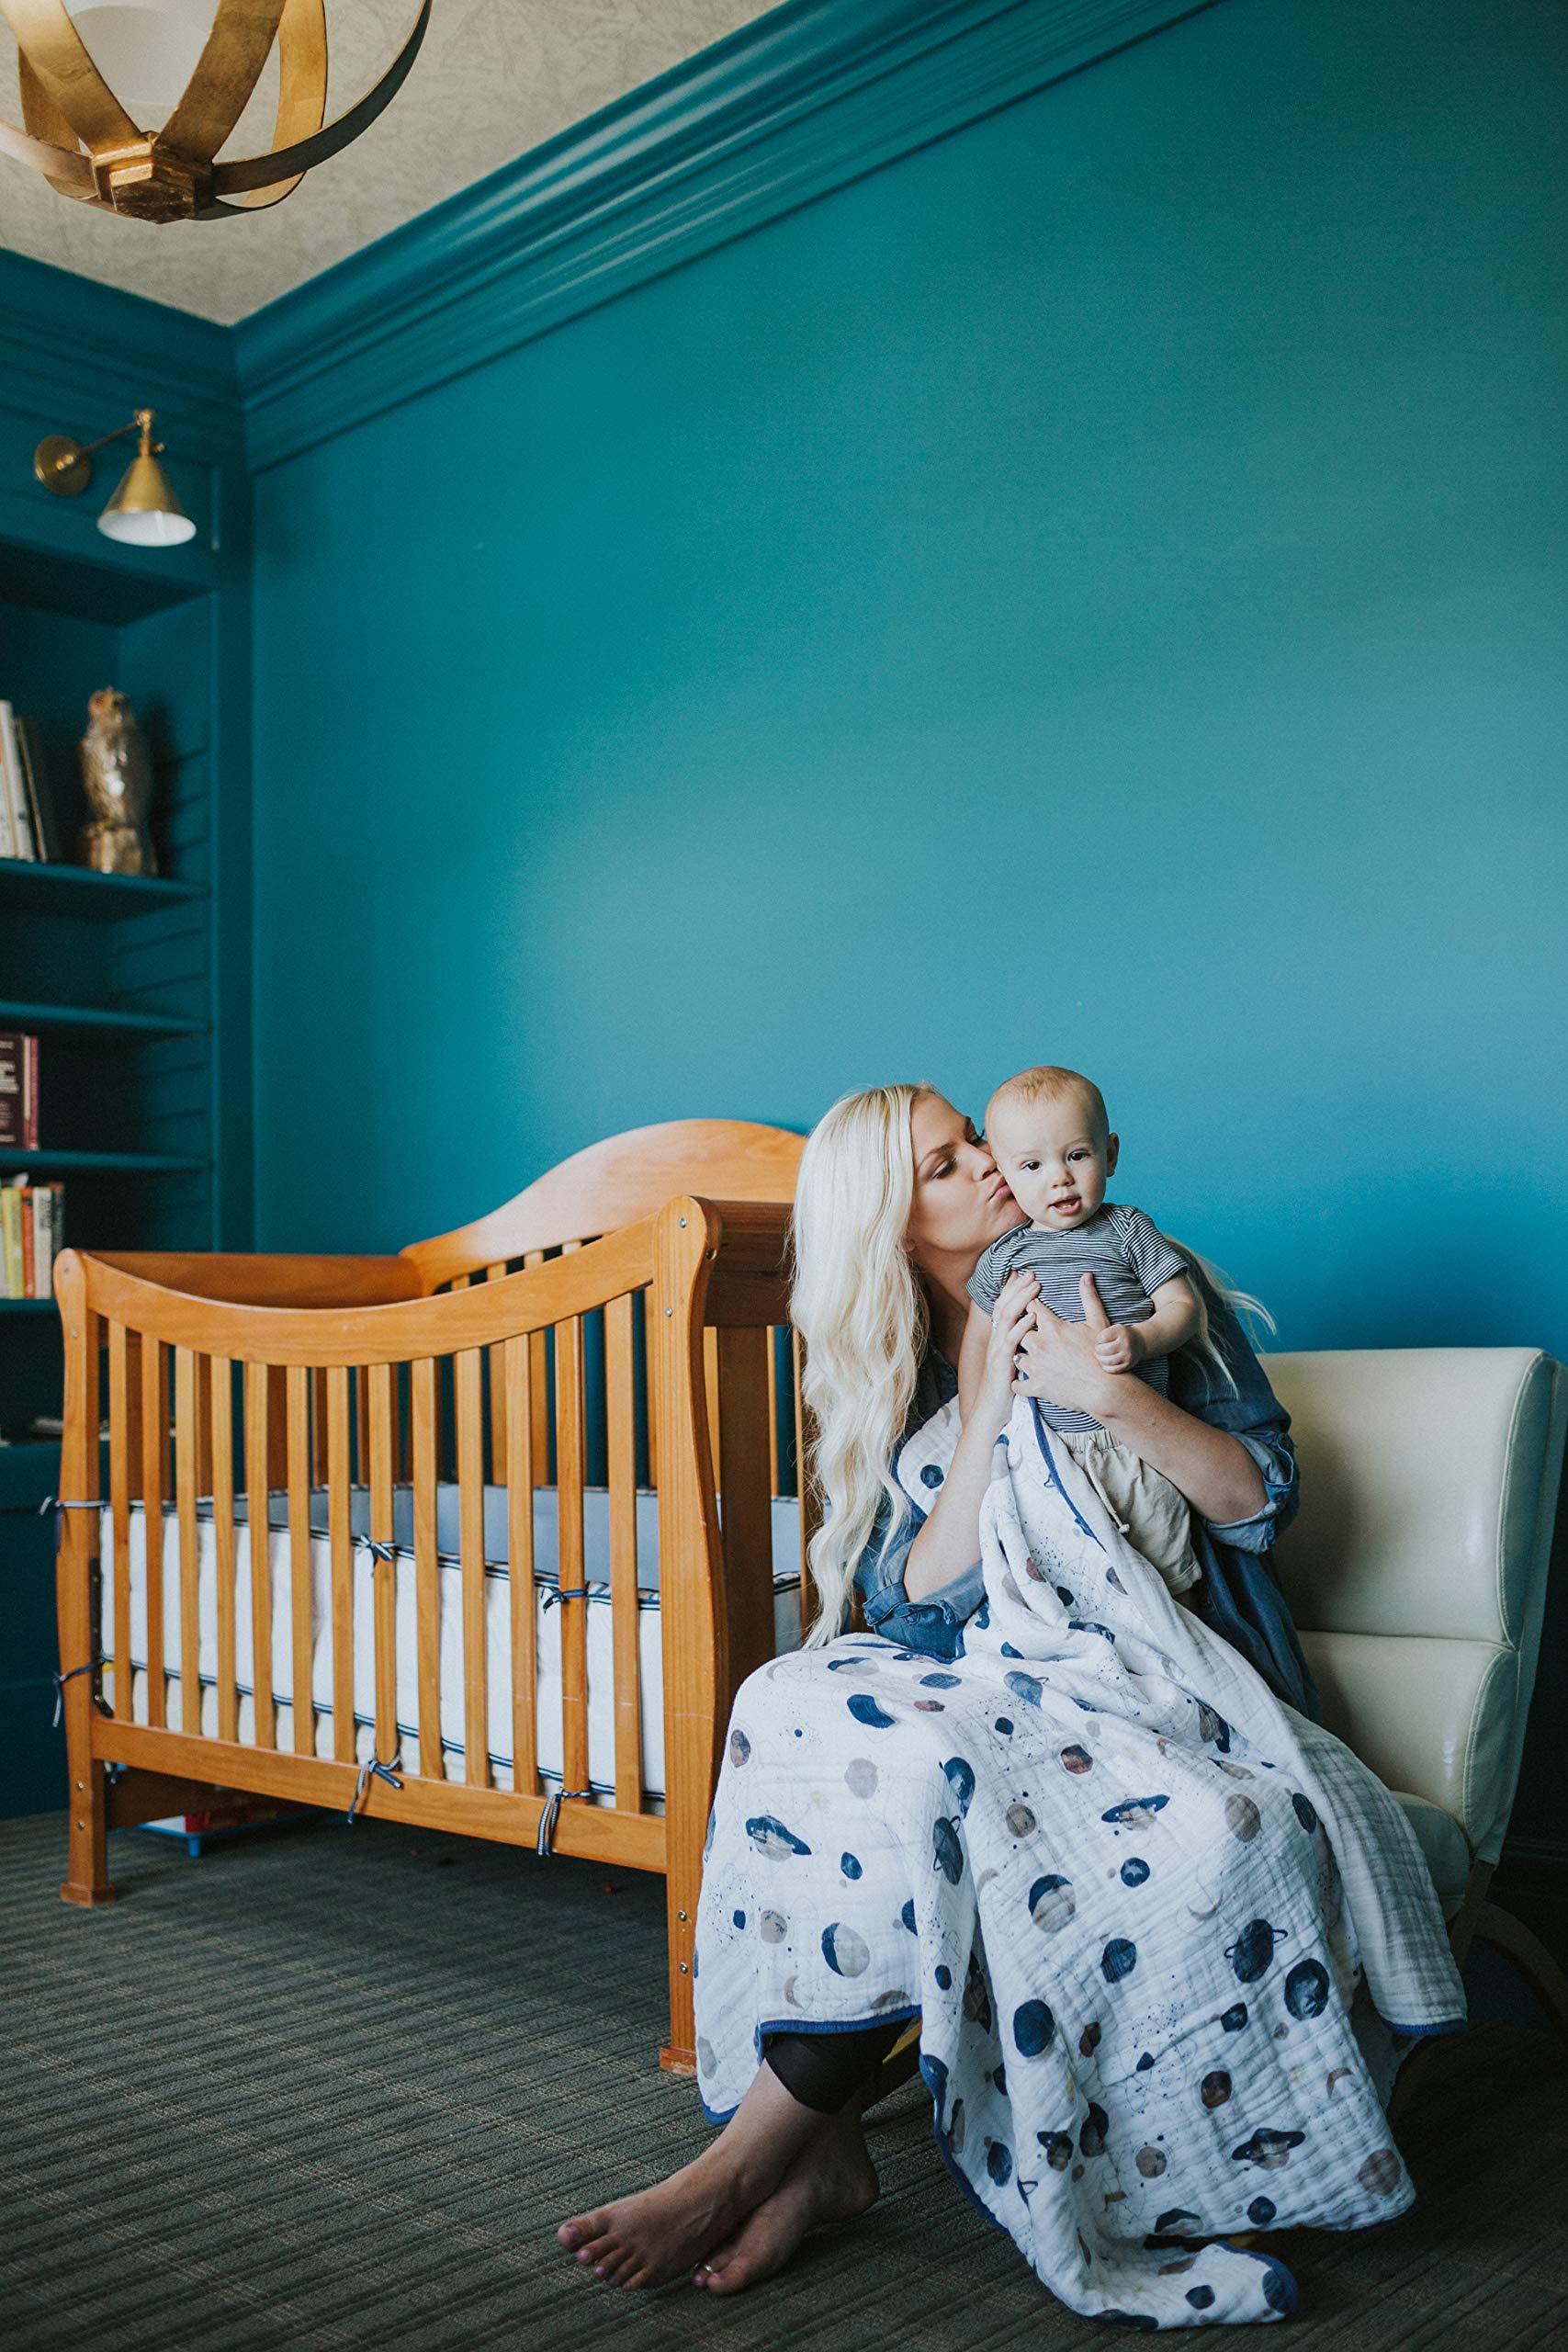 para ni/ños y ni/ñas 80cm x 80cm Blue Point Manta de muselina JYCRA para beb/é de algod/ón org/ánico transpirable y unisex